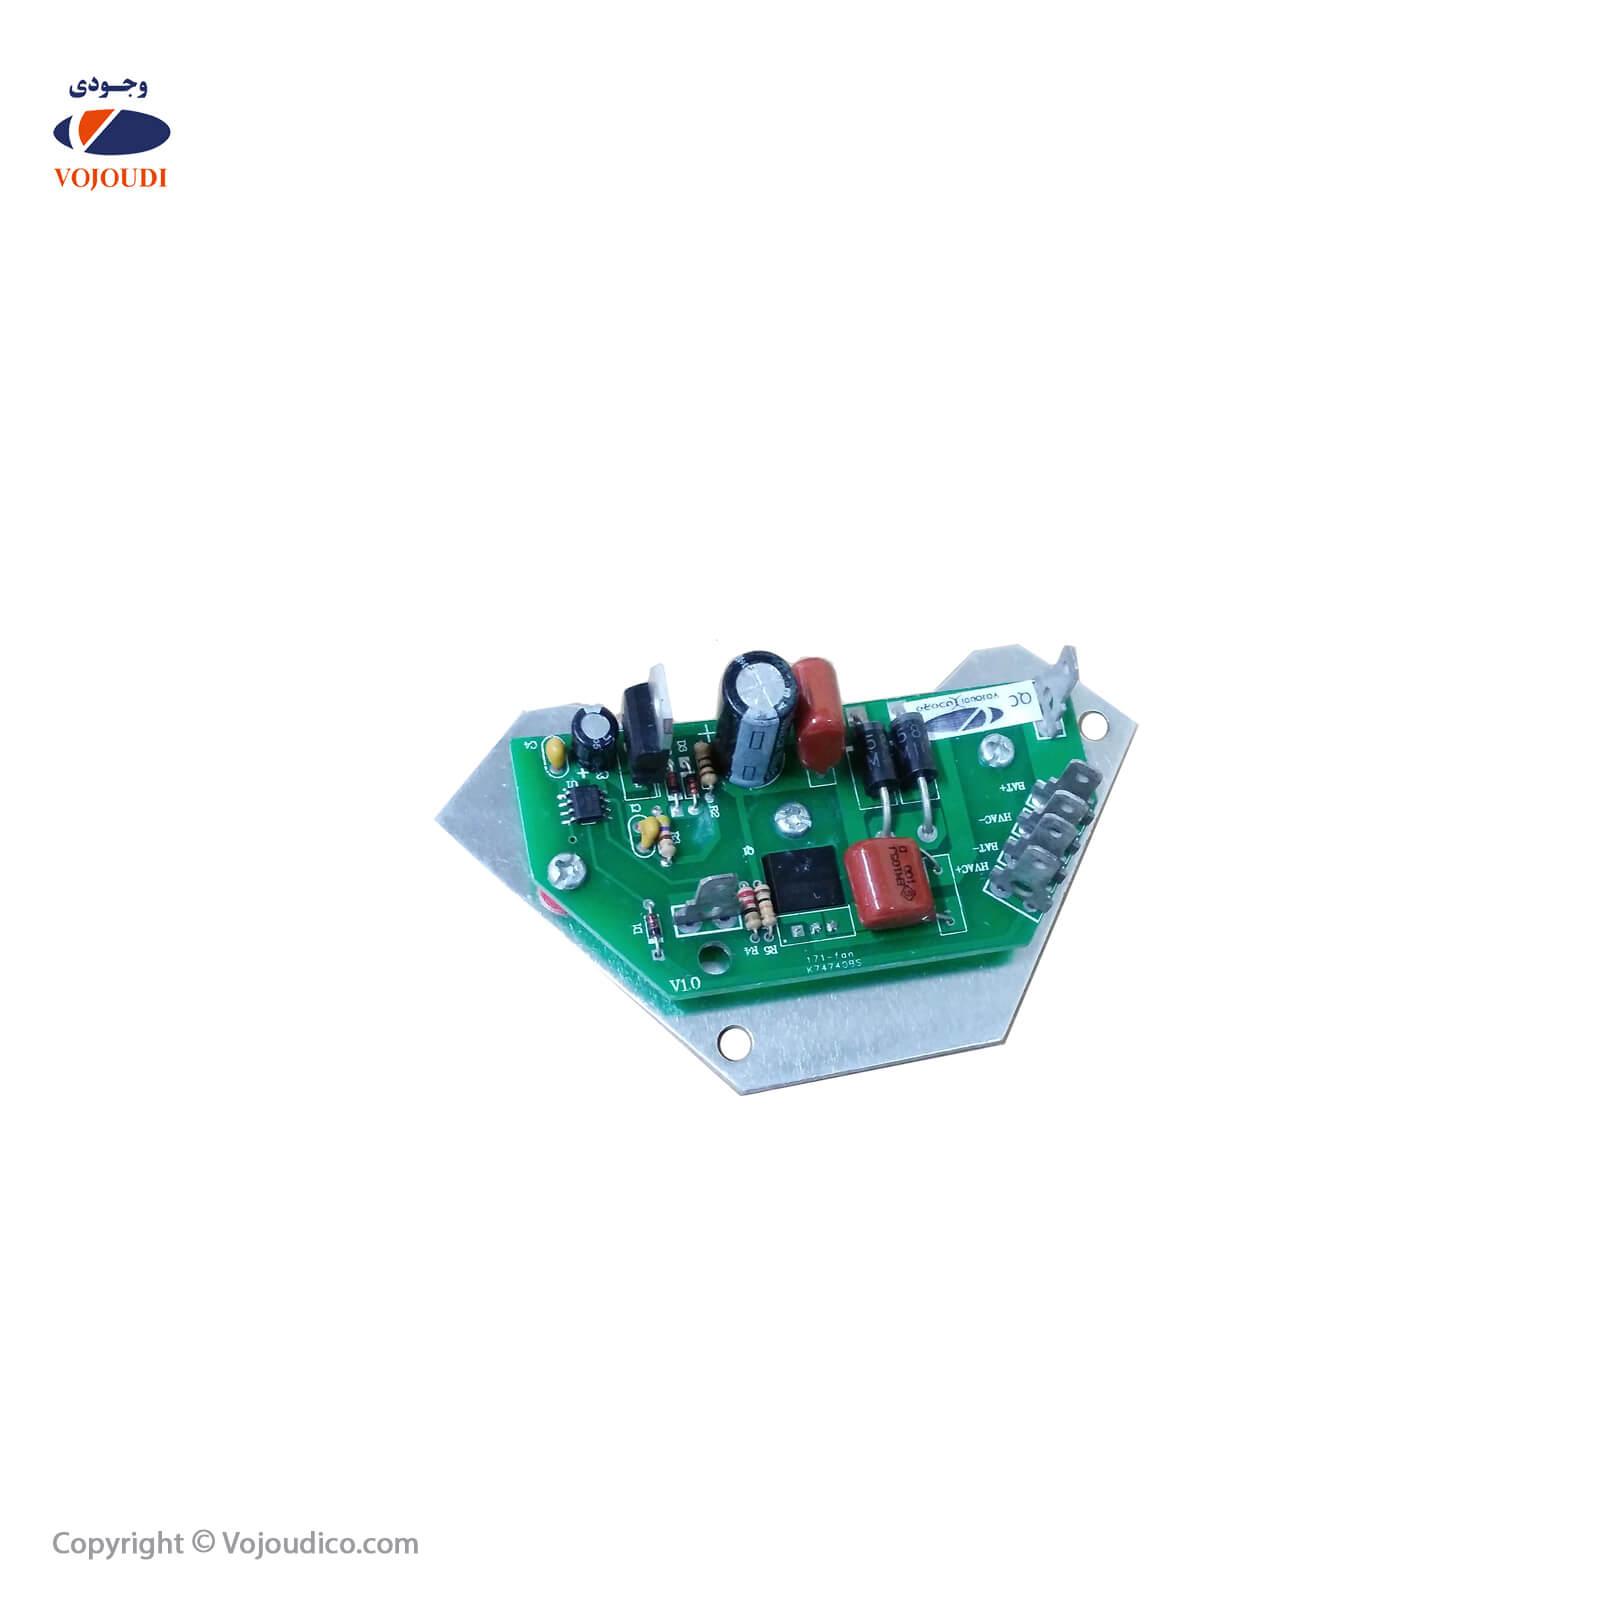 31167 1 - مدول بخاری ترانزیستوری وجودی کد 31167 مناسب برای 405 ، تعداد دبسته : 20 عدد